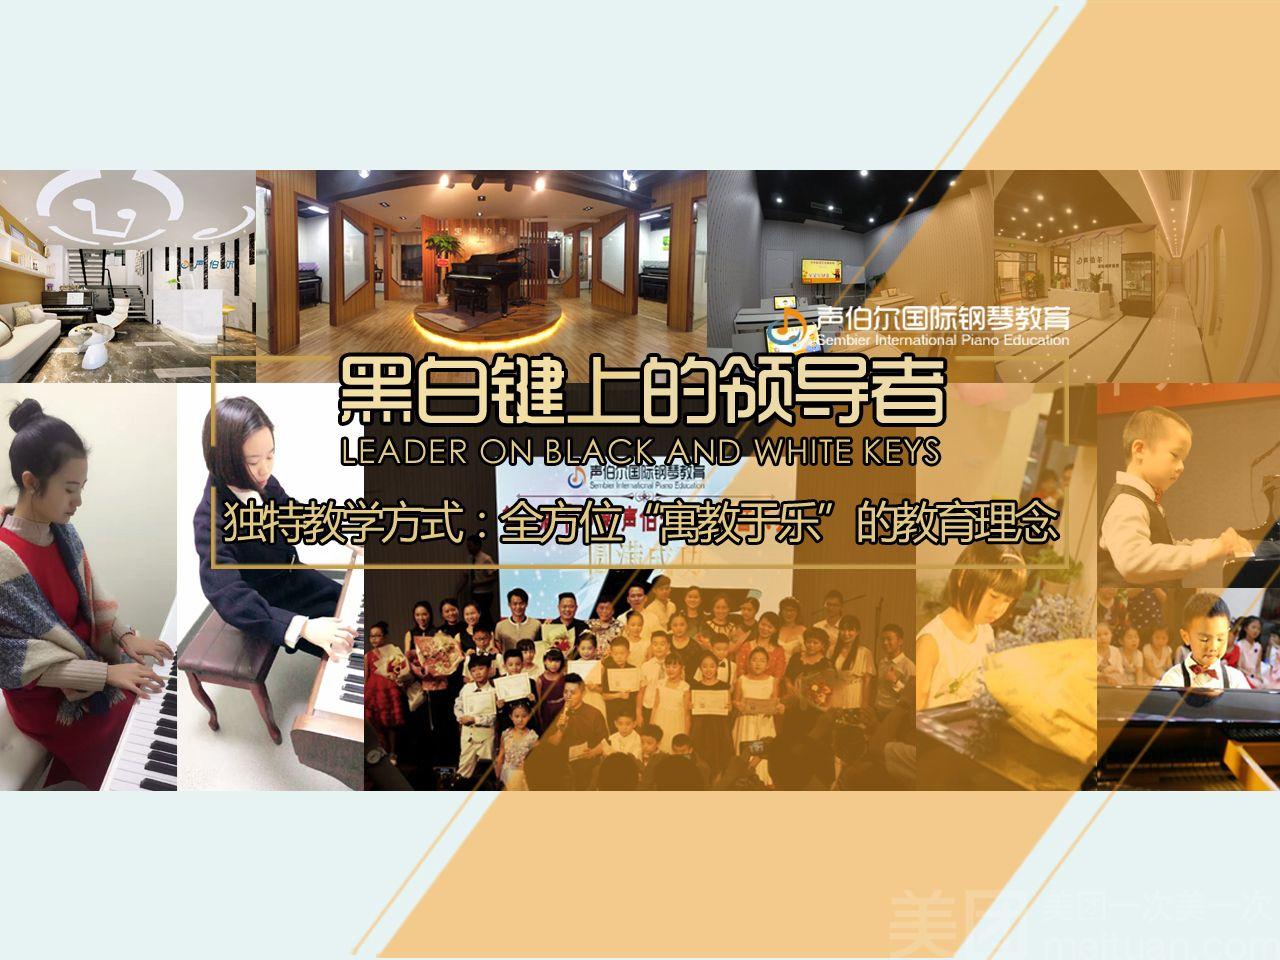 :长沙今日团购:【声伯尔国际钢琴教育】幼儿、少儿钢琴体验课